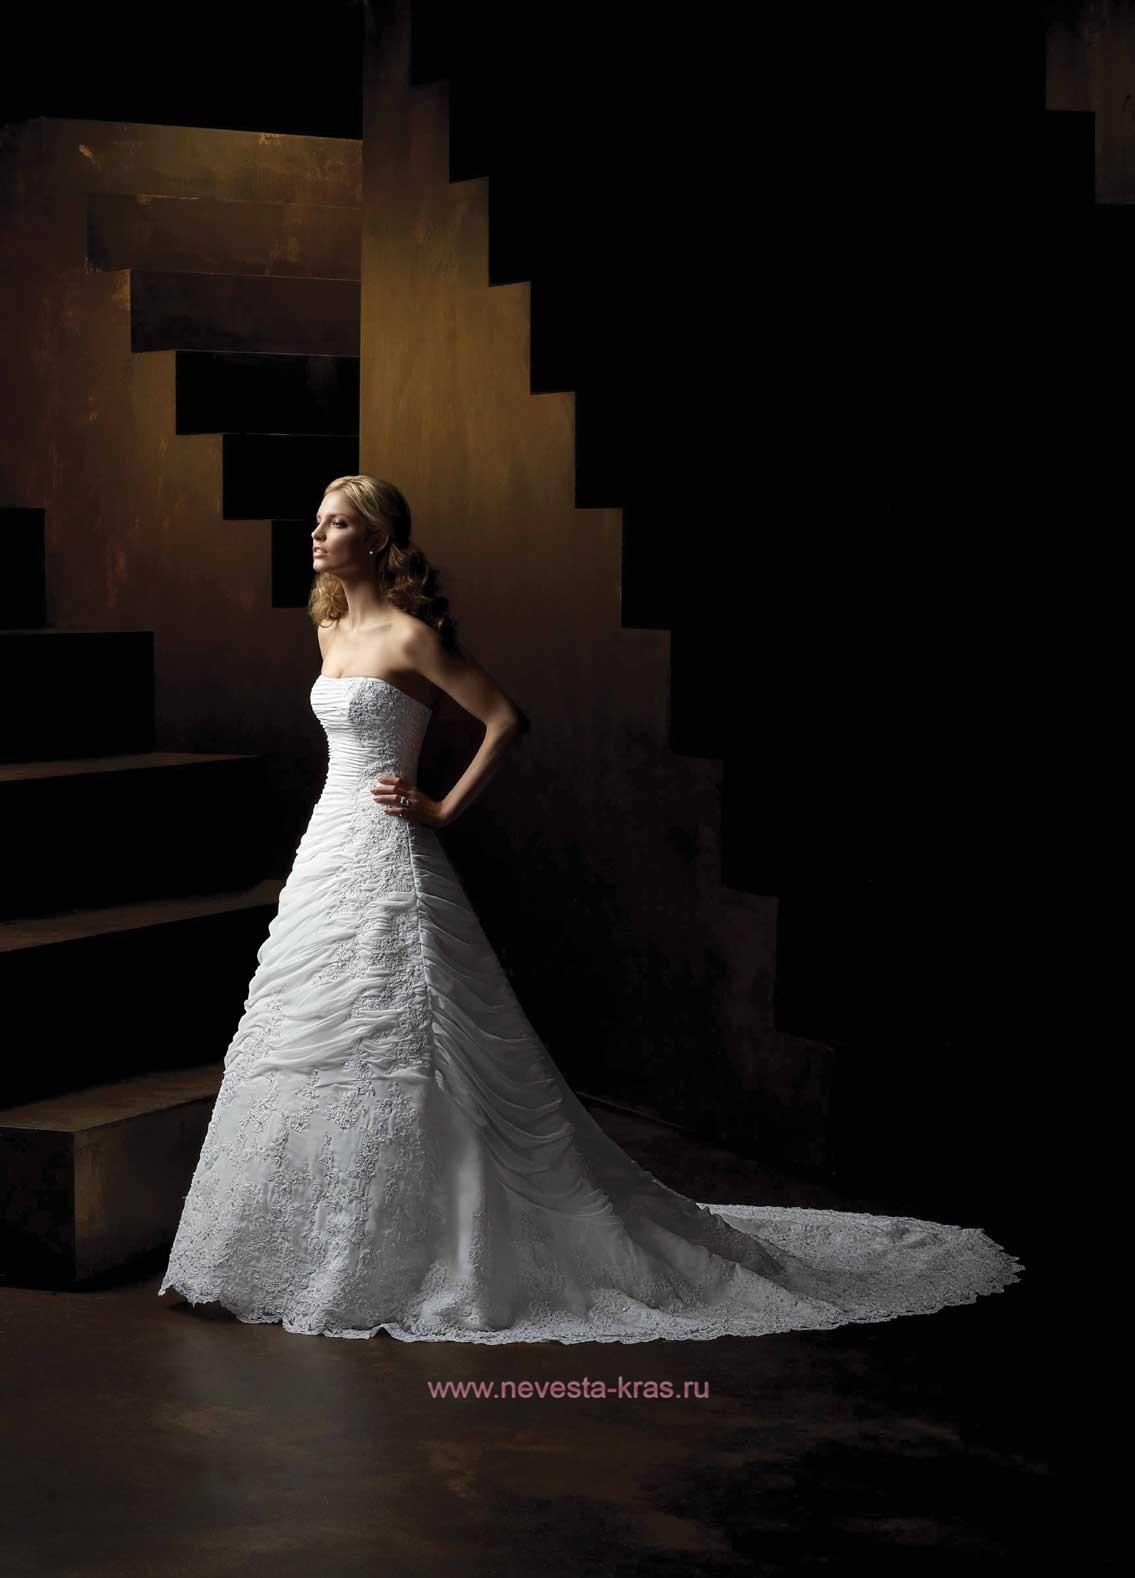 Свадебные платья - Тюмень - Свадебный гид